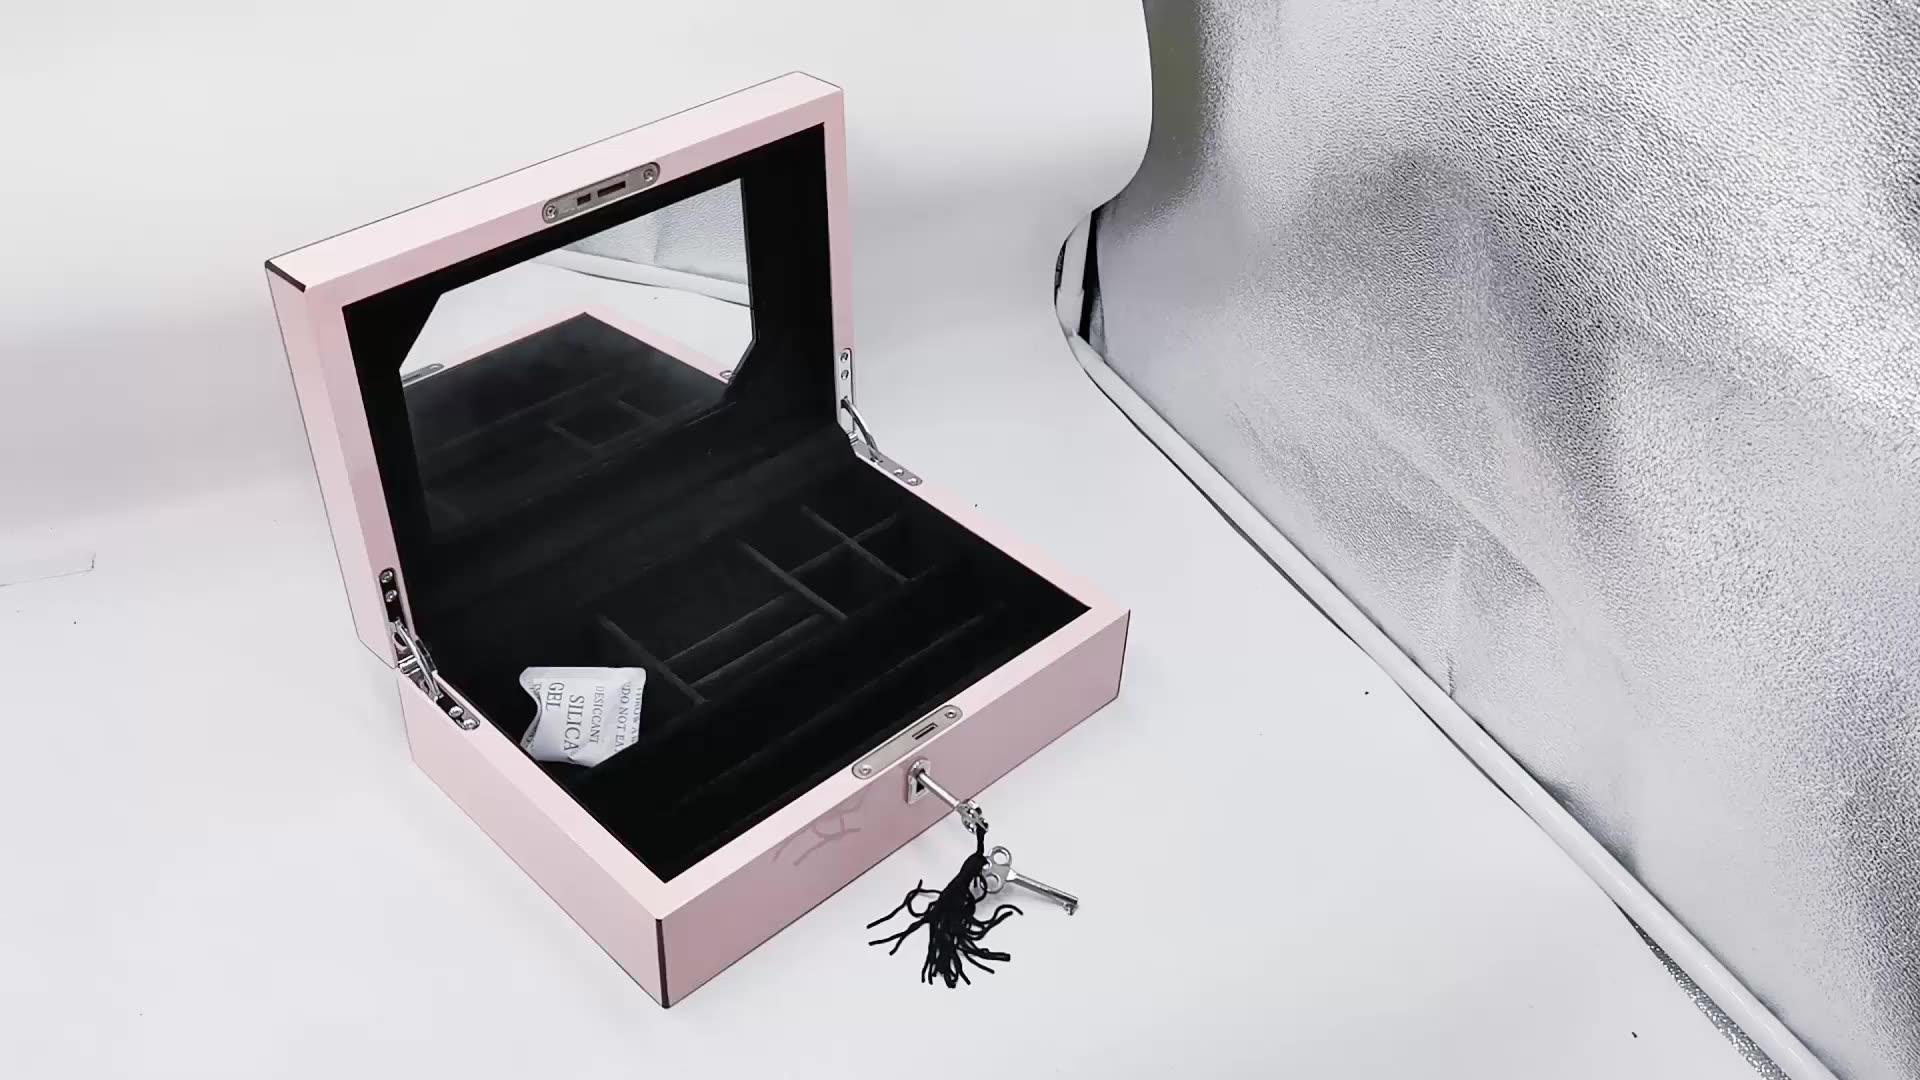 Populaire Houten Doos Sieraden Mode Houten Verpakking Doos Met Spiegel Houten Armband Doos